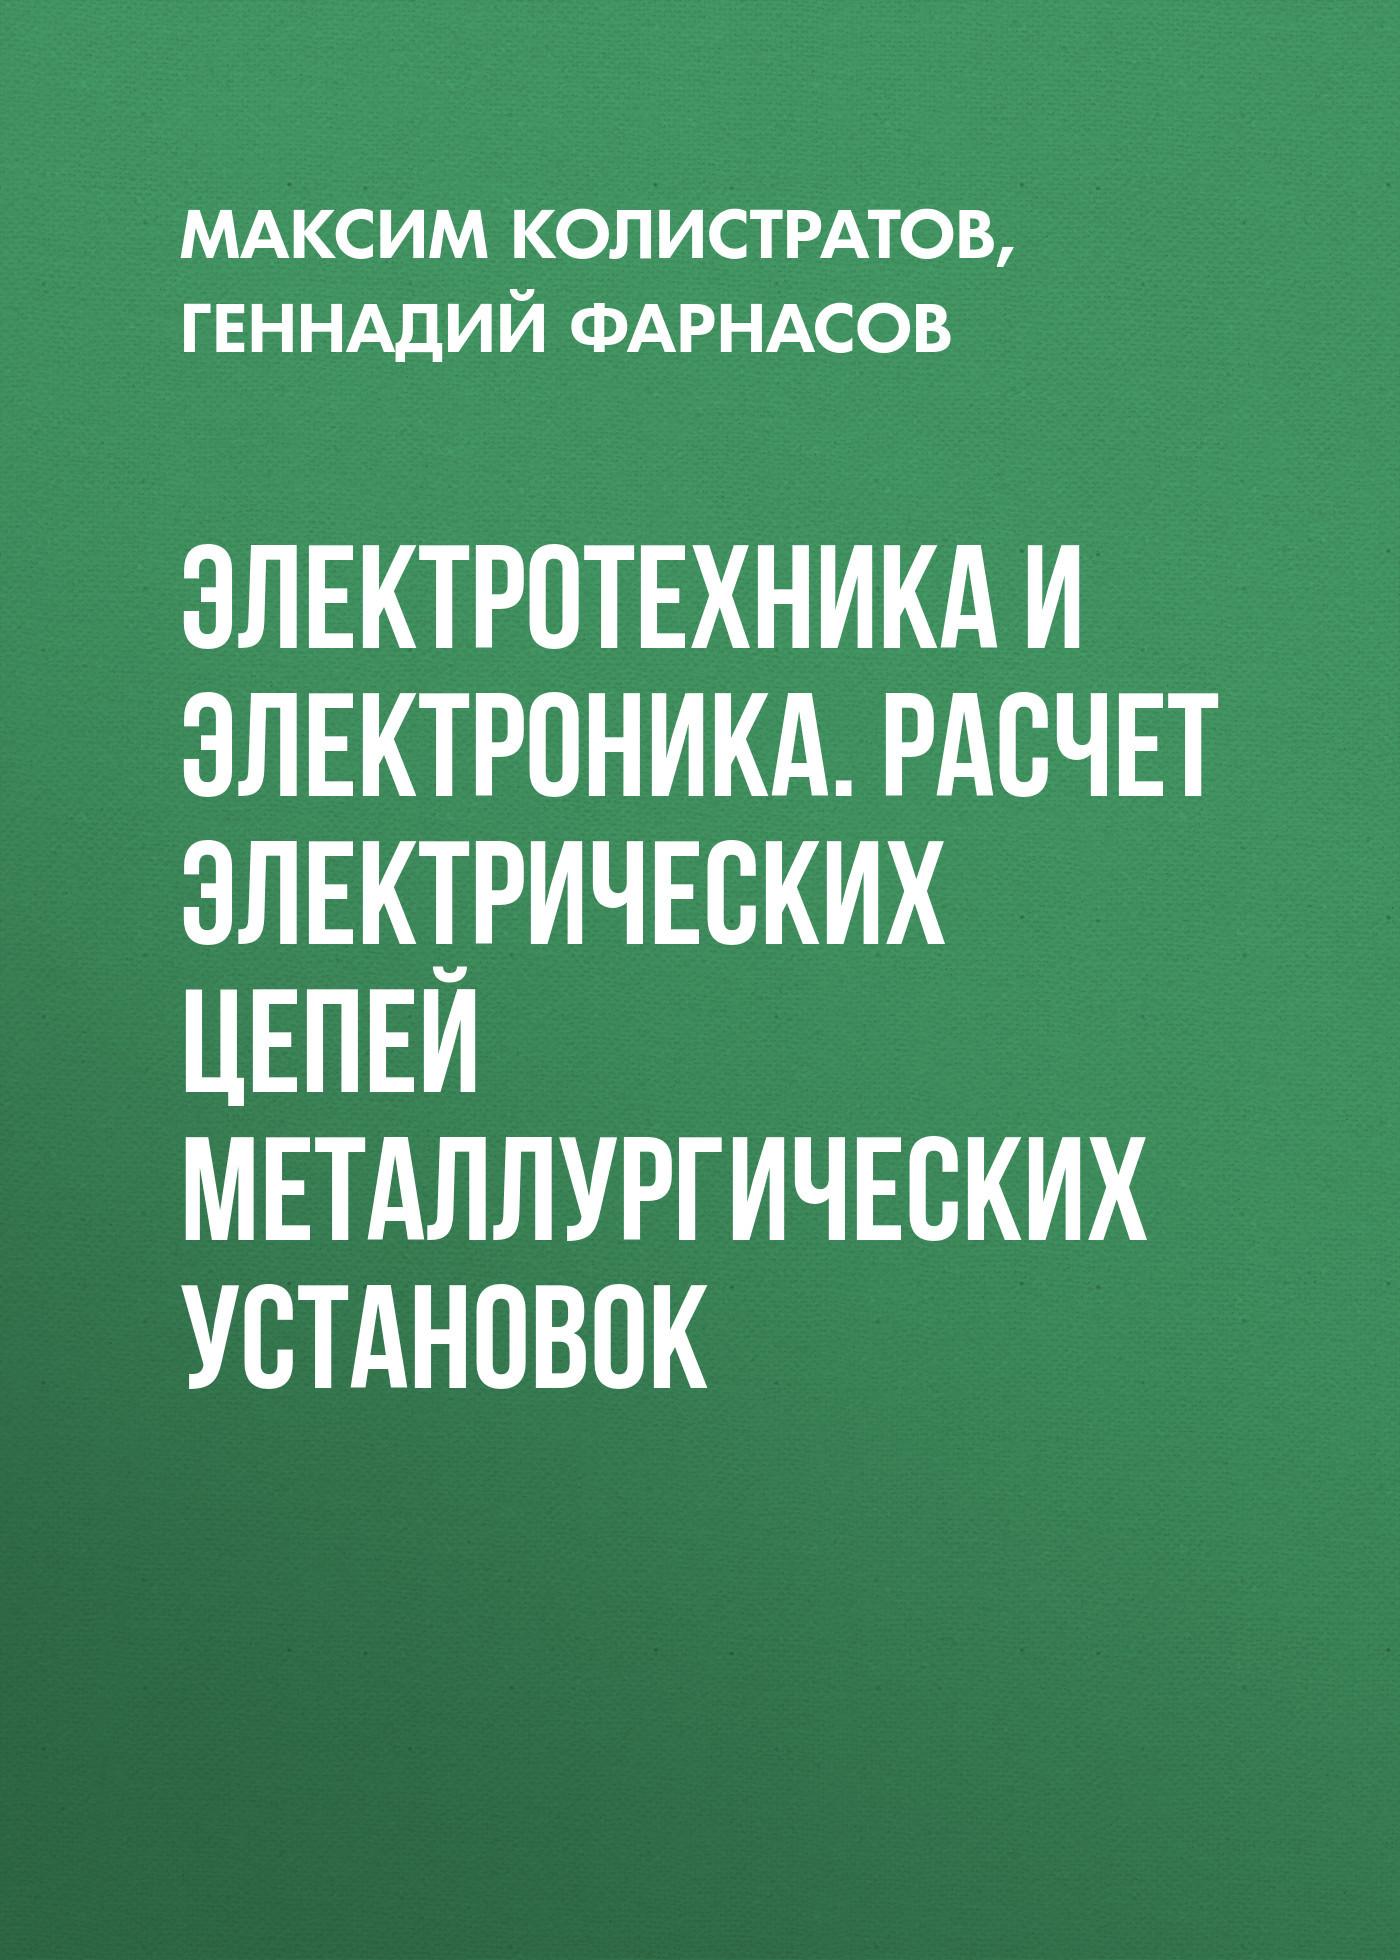 Геннадий Фарнасов Электротехника и электроника. Расчет электрических цепей металлургических установок